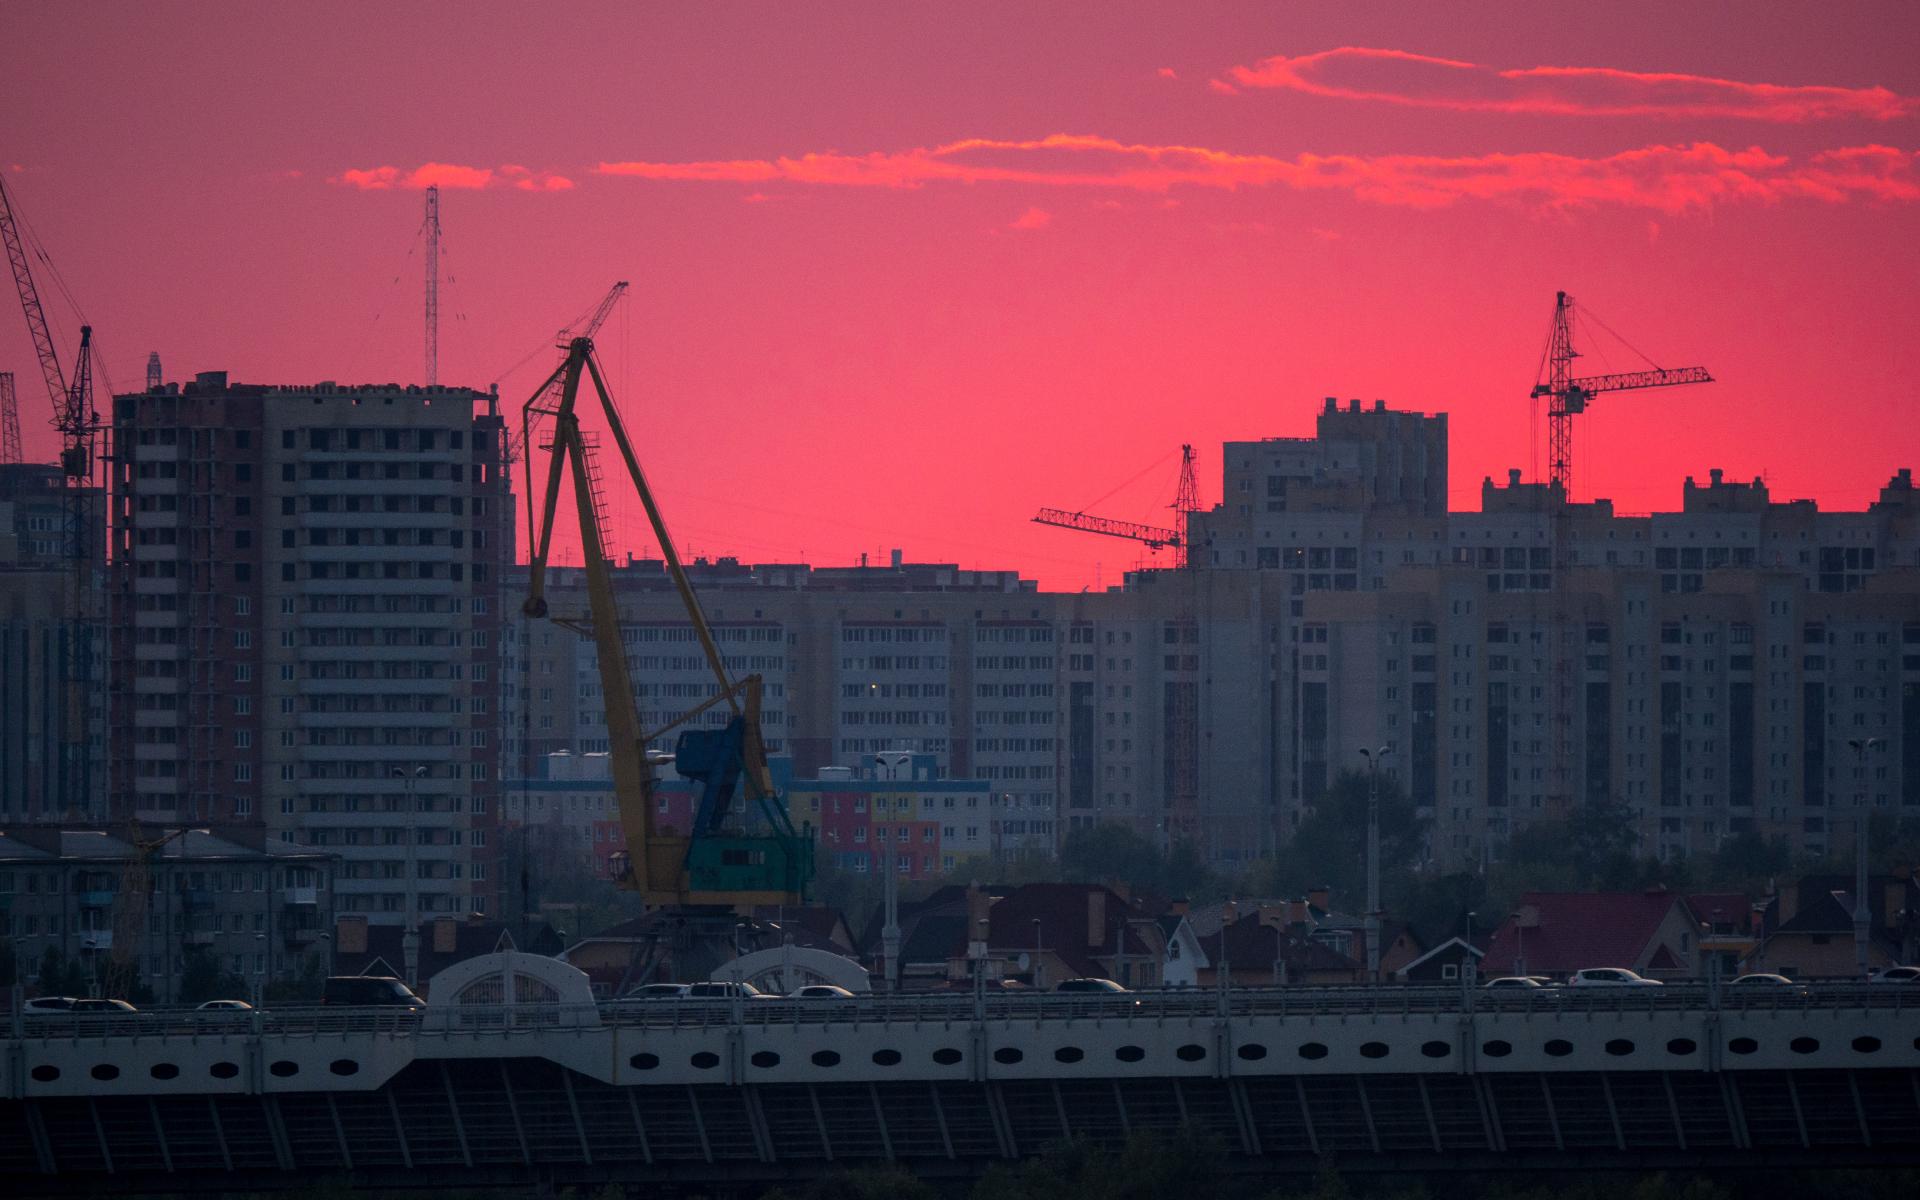 В Омской области средний срок задержки ввода новостроек составляет 31,7 месяца. Это третий показатель после Ингушетии и Мурманской области, где почти не строят многоквартирные дома